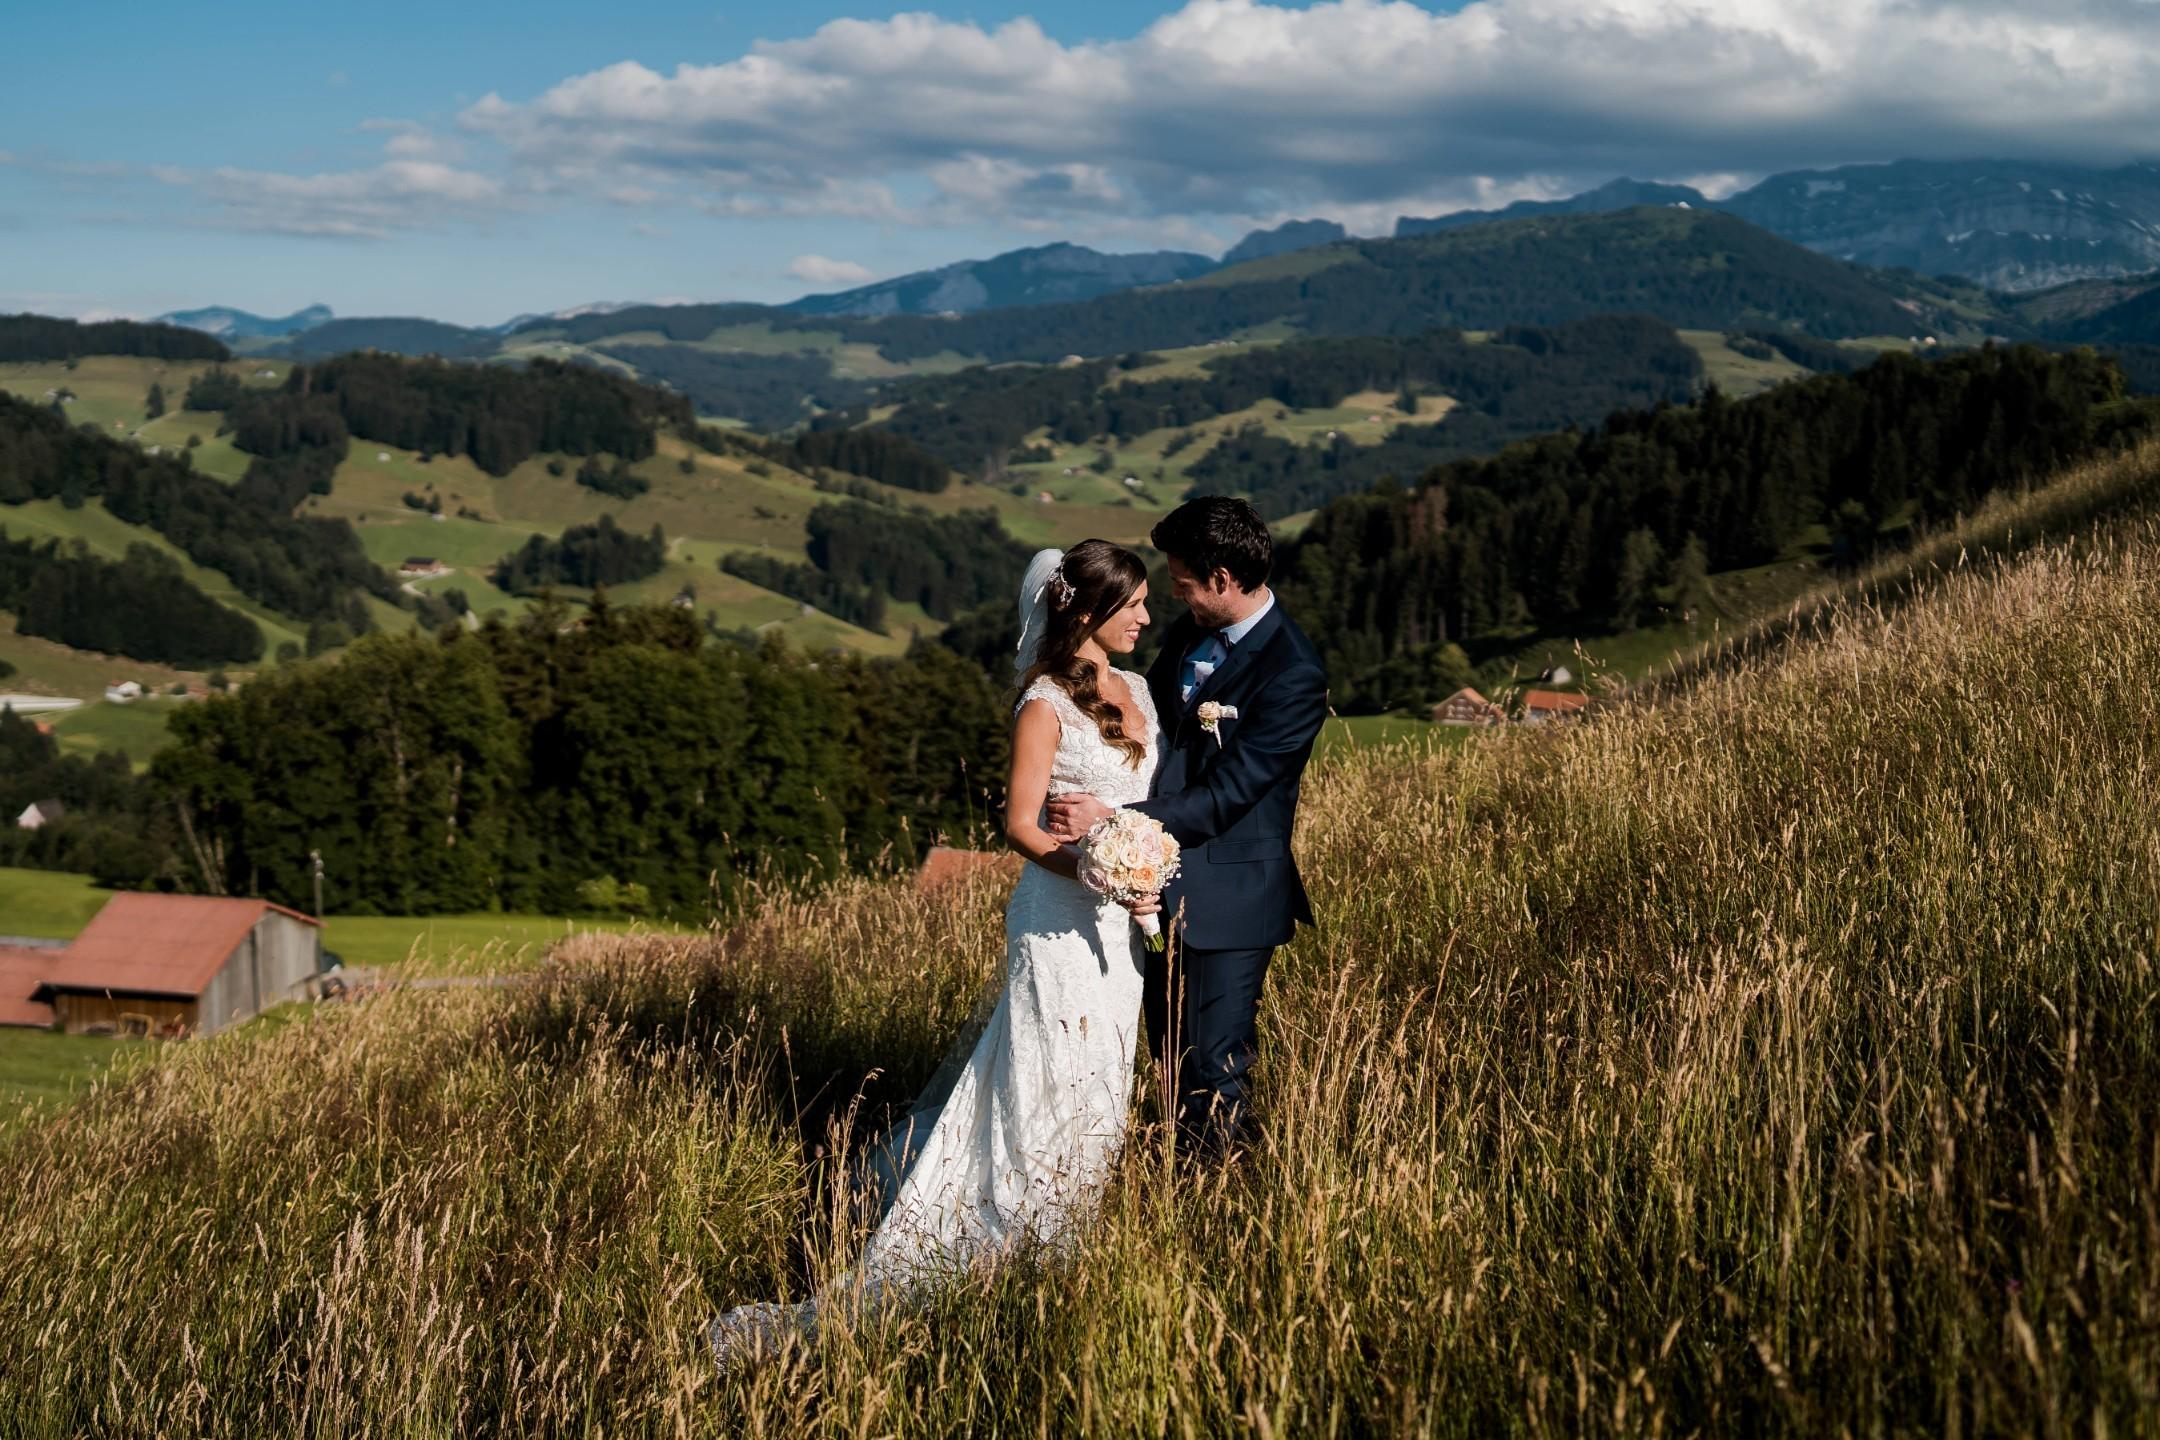 Aida + Tim | Hochzeitsfotografen am Bodensee Haldenhof Urnäsch, Schweiz